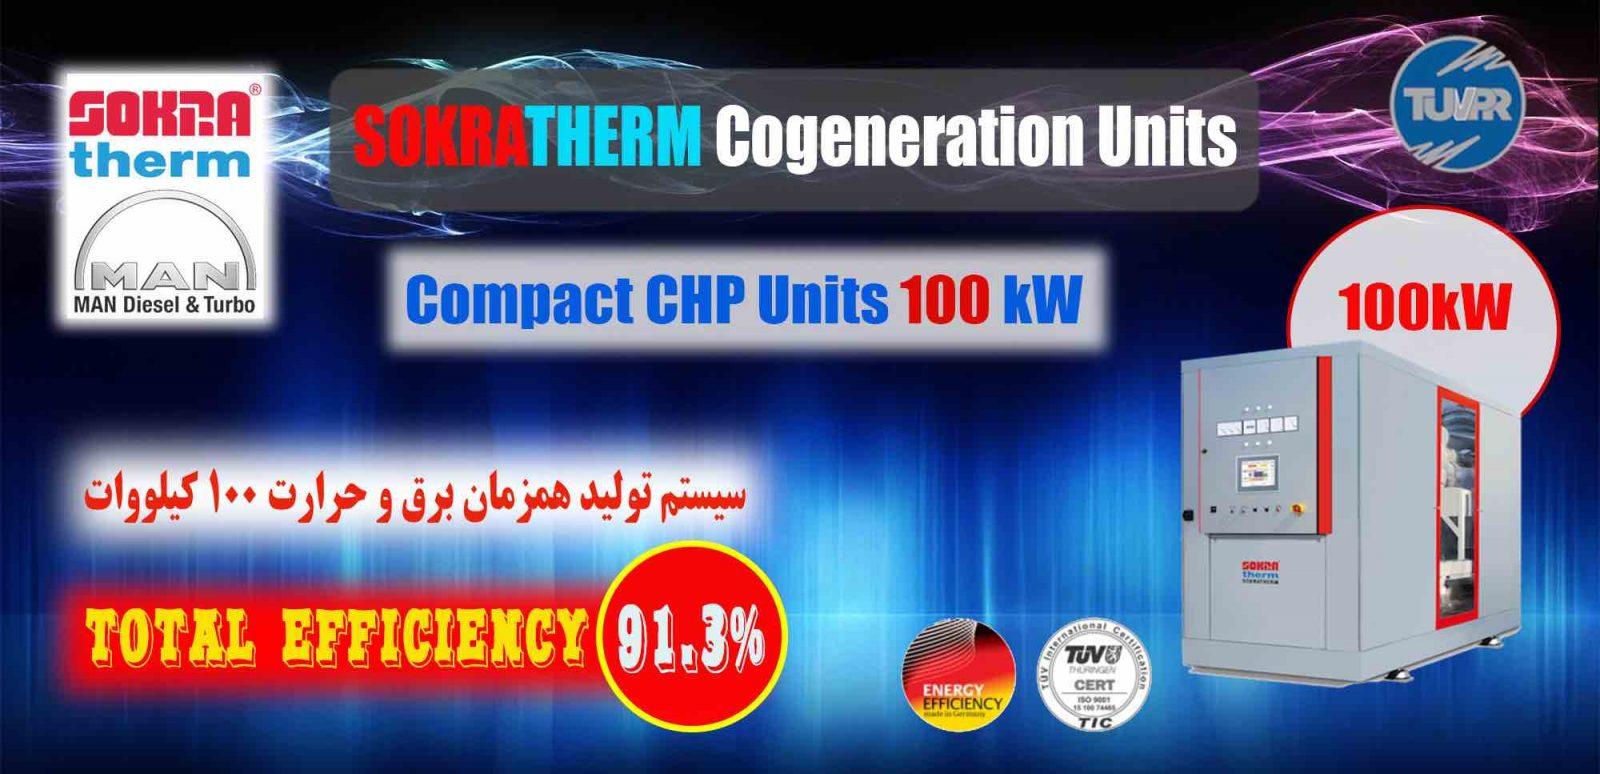 سیستم تولید همزمان برق و حرارت ۱۰۰ کیلووات آلمانی- شرکت پارس رایزن- 100 kW CHP combined head and power